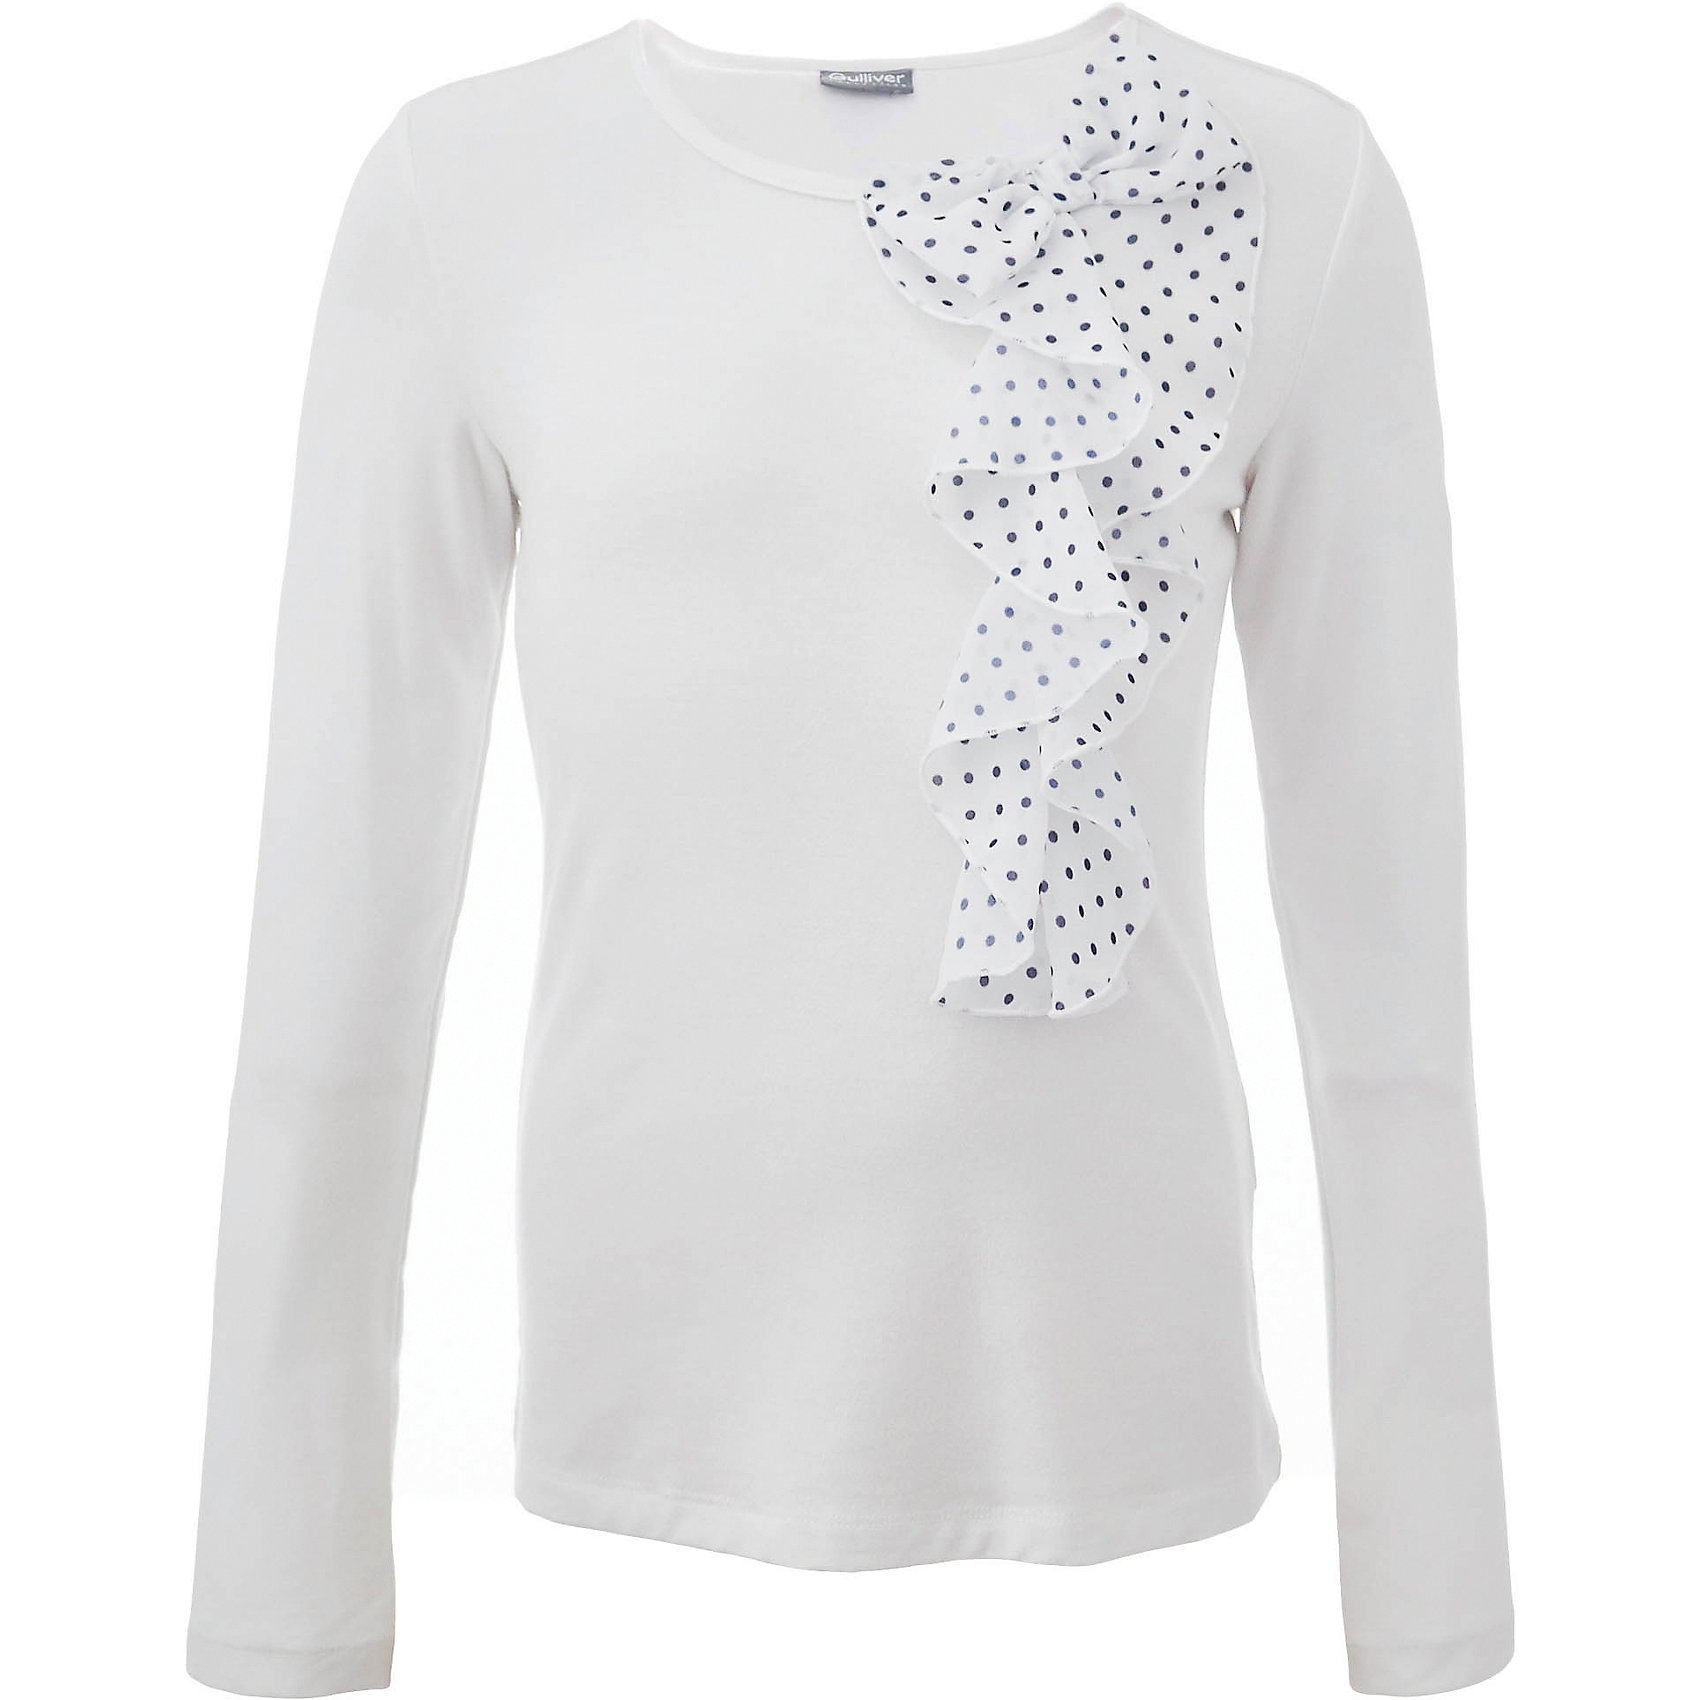 Блузка для девочки GulliverБлузки и рубашки<br>В преддверии учебного сезона, купить школьную блузку для девочки необходимо! Модные школьные блузки 2017 будут пользоваться заслуженным спросом, т.к. они - важная составляющая элегантного школьного гардероба. Белая школьная блузка с красивым воланом из мягкого пластичного трикотажа - достойная альтернатива текстильной блузке! Она имеет прекрасный внешний вид и соответствует школьному дресс коду, но более комфортна, не стесняет движений, позволяя девочке быть самой собой. Школьная белая блузка для девочек от Gulliver сделает образ ребенка романтичным, элегантным, изысканным.<br>Состав:<br>76% вискоза    19% полиэстер    5% эластан<br><br>Ширина мм: 186<br>Глубина мм: 87<br>Высота мм: 198<br>Вес г: 197<br>Цвет: белый<br>Возраст от месяцев: 168<br>Возраст до месяцев: 180<br>Пол: Женский<br>Возраст: Детский<br>Размер: 170,122,128,134,140,146,152,158,164<br>SKU: 6678632